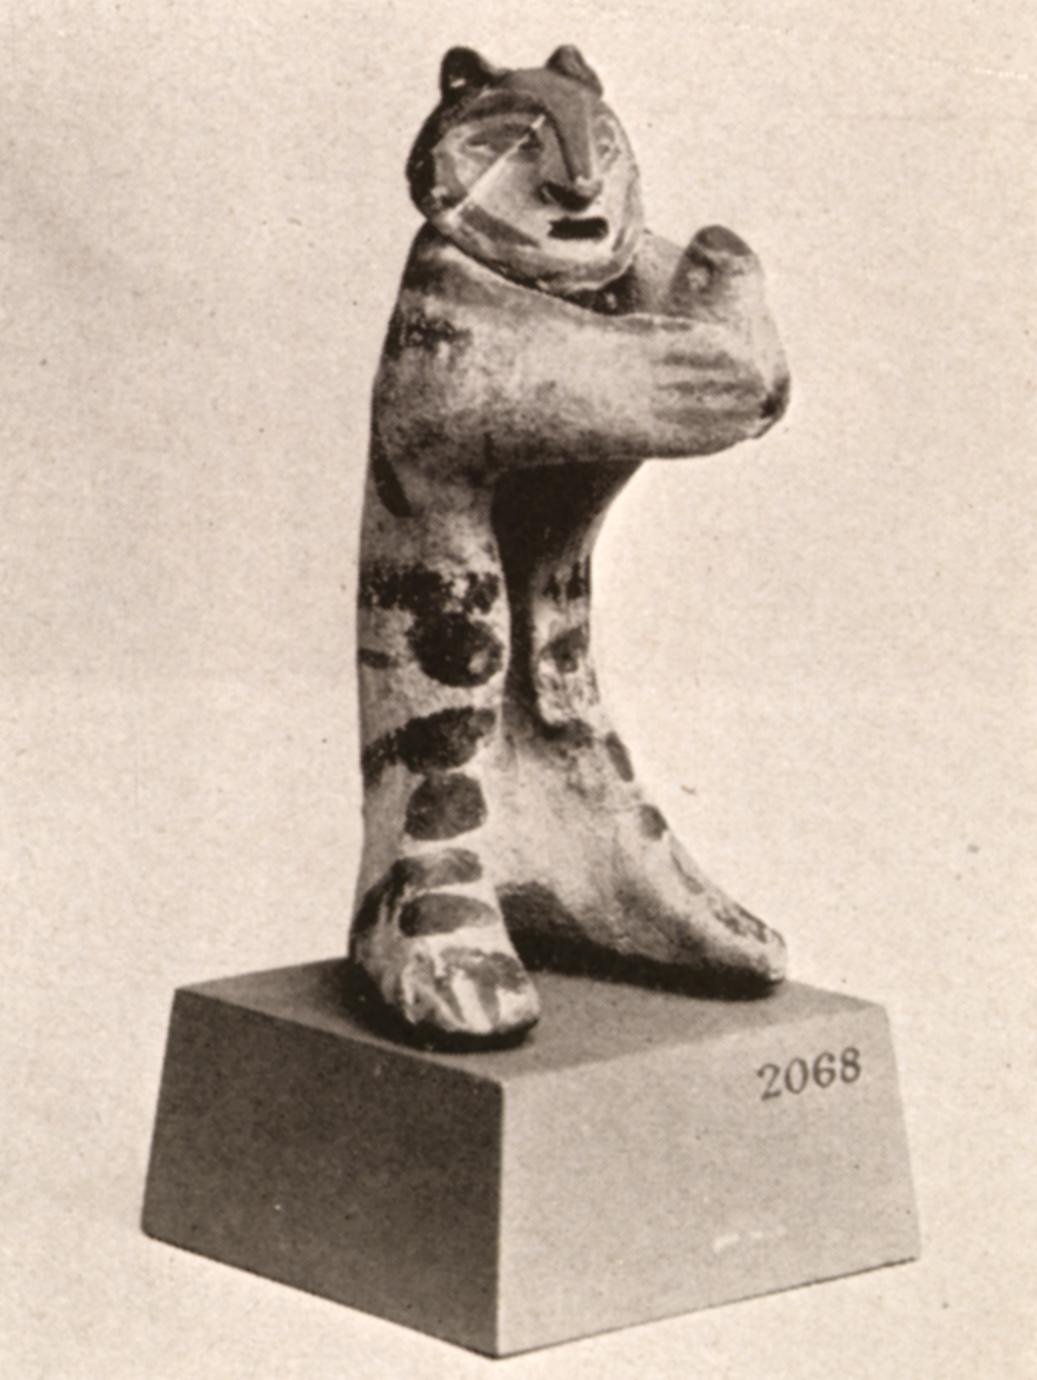 Ancient Primate Sculpture